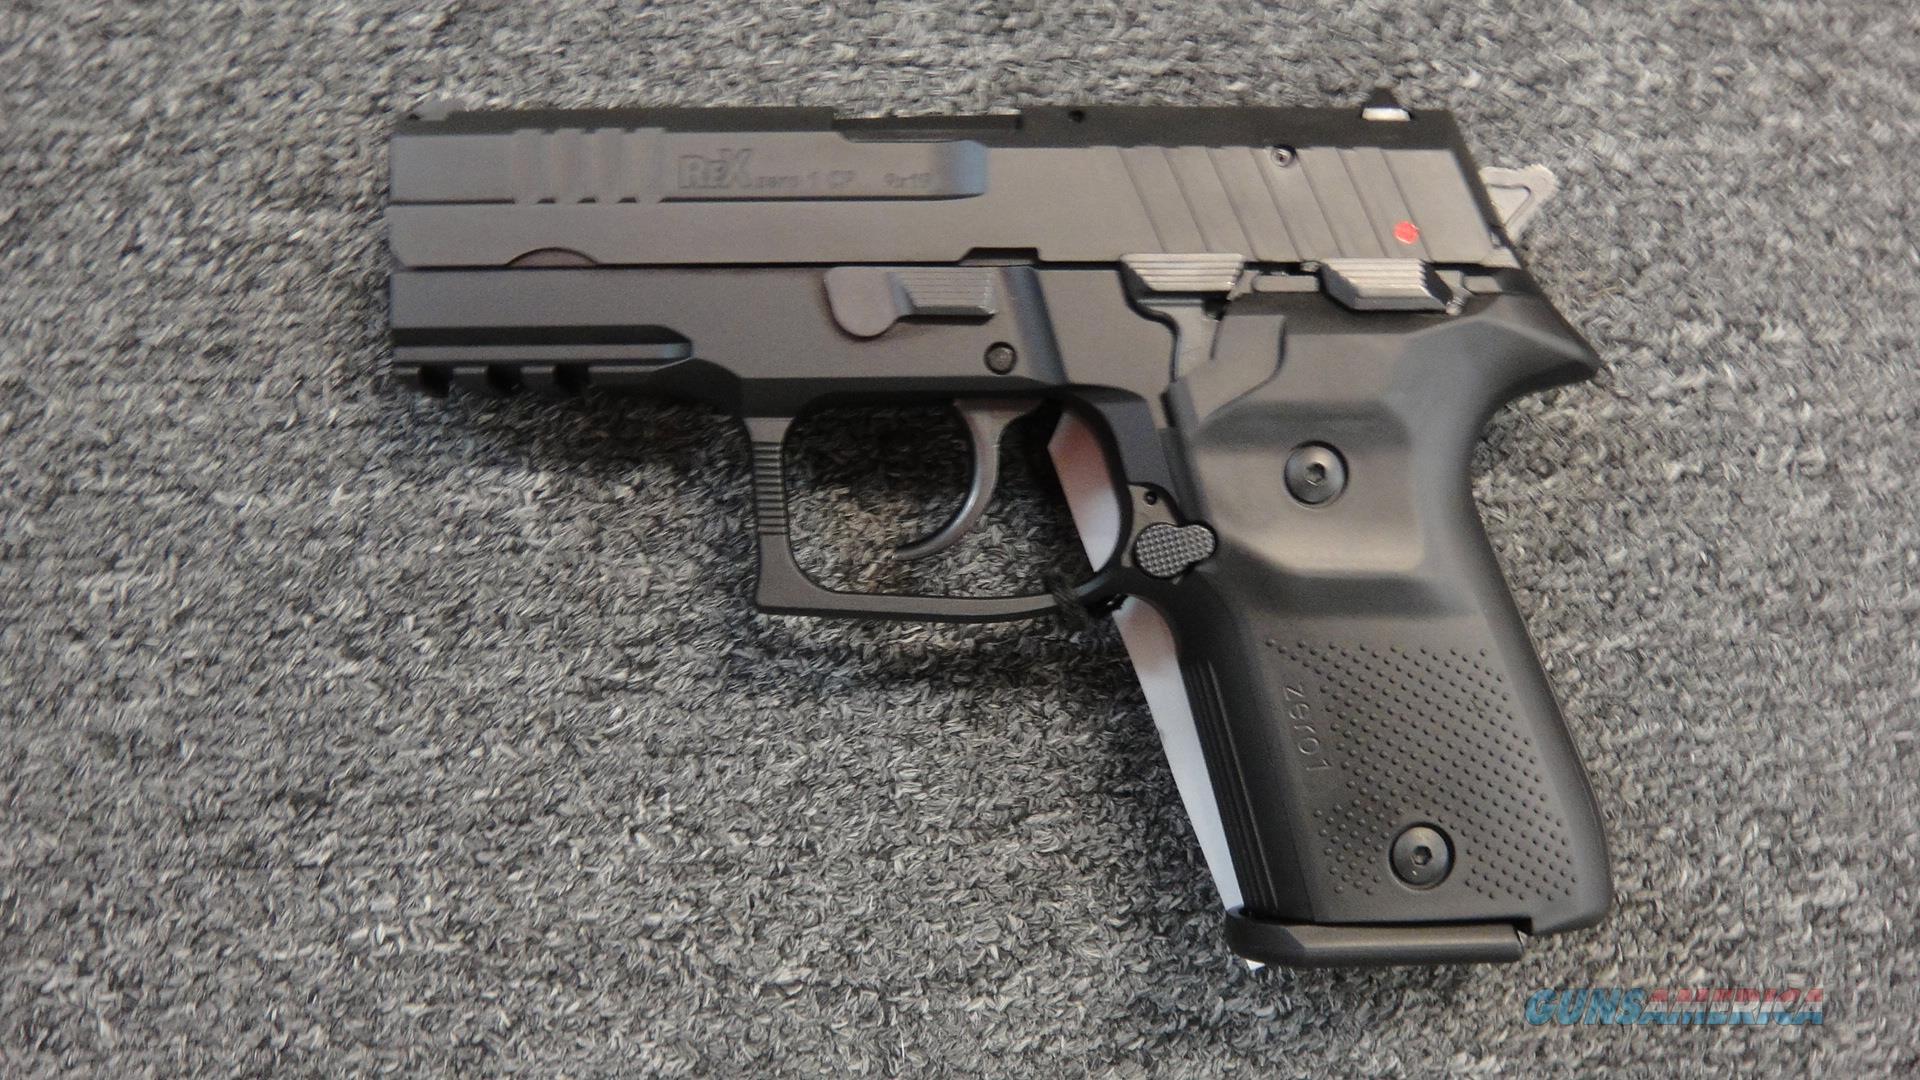 FIME/AREX Rex Zero 1 CP  Guns > Pistols > FIME Group Pistols > Rex Zero 1